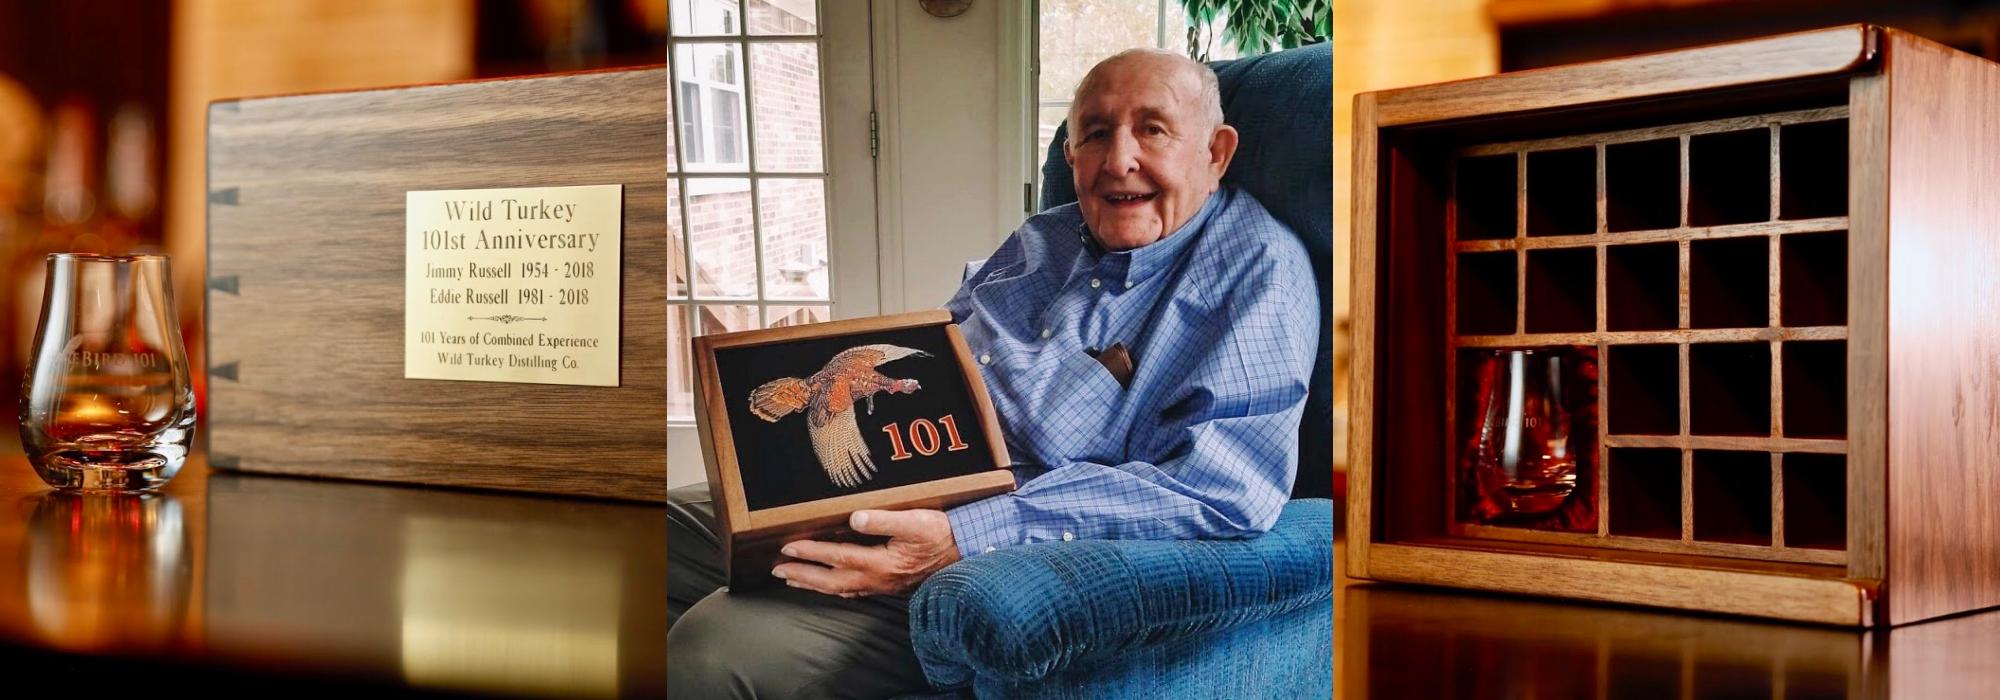 101st Anniversary Gift